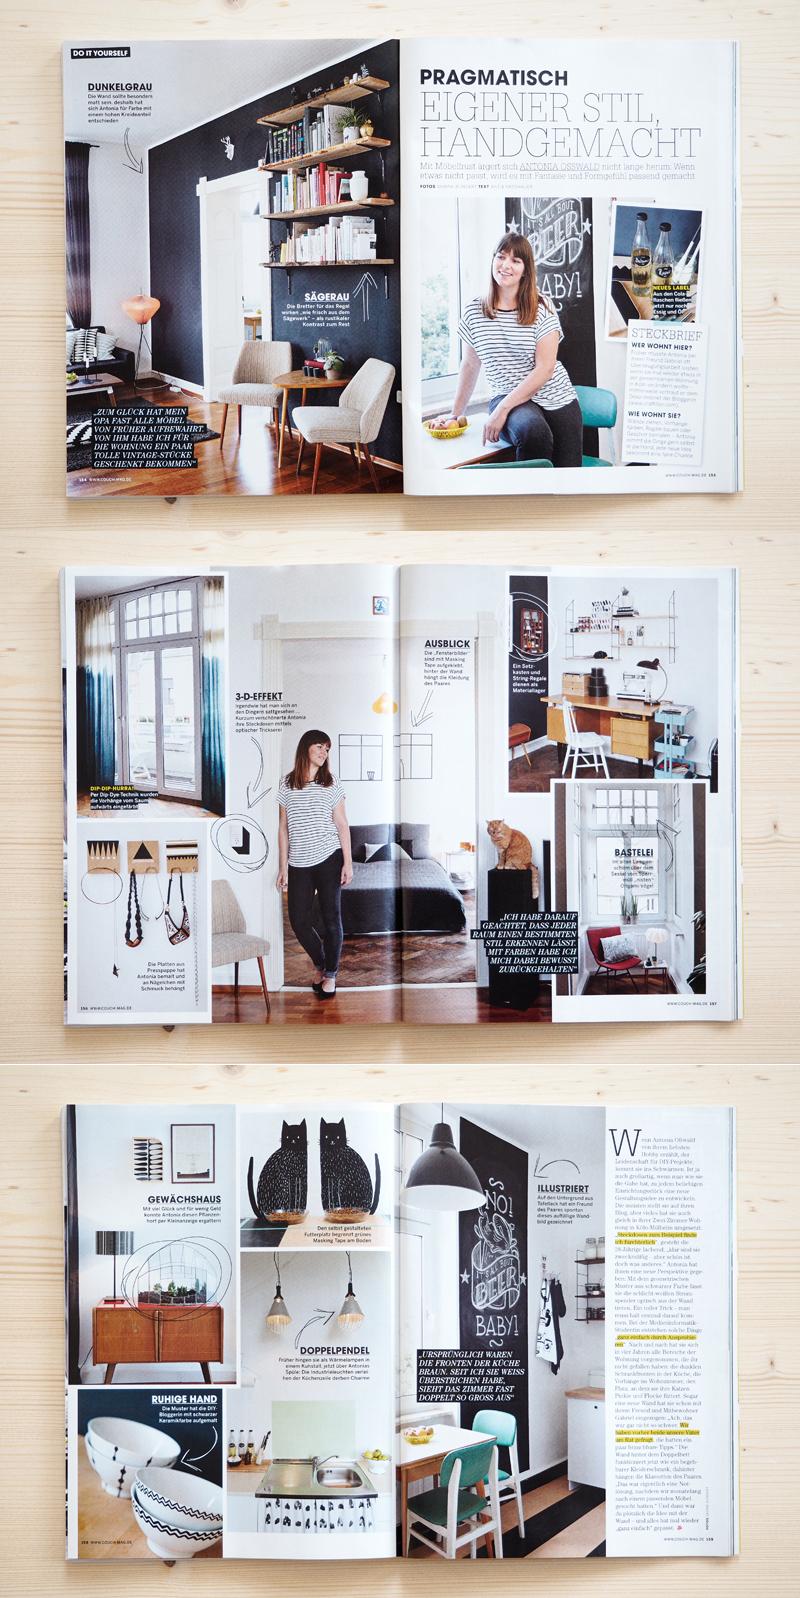 Craftifair Press / Couch Magazin - www.craftifair.com